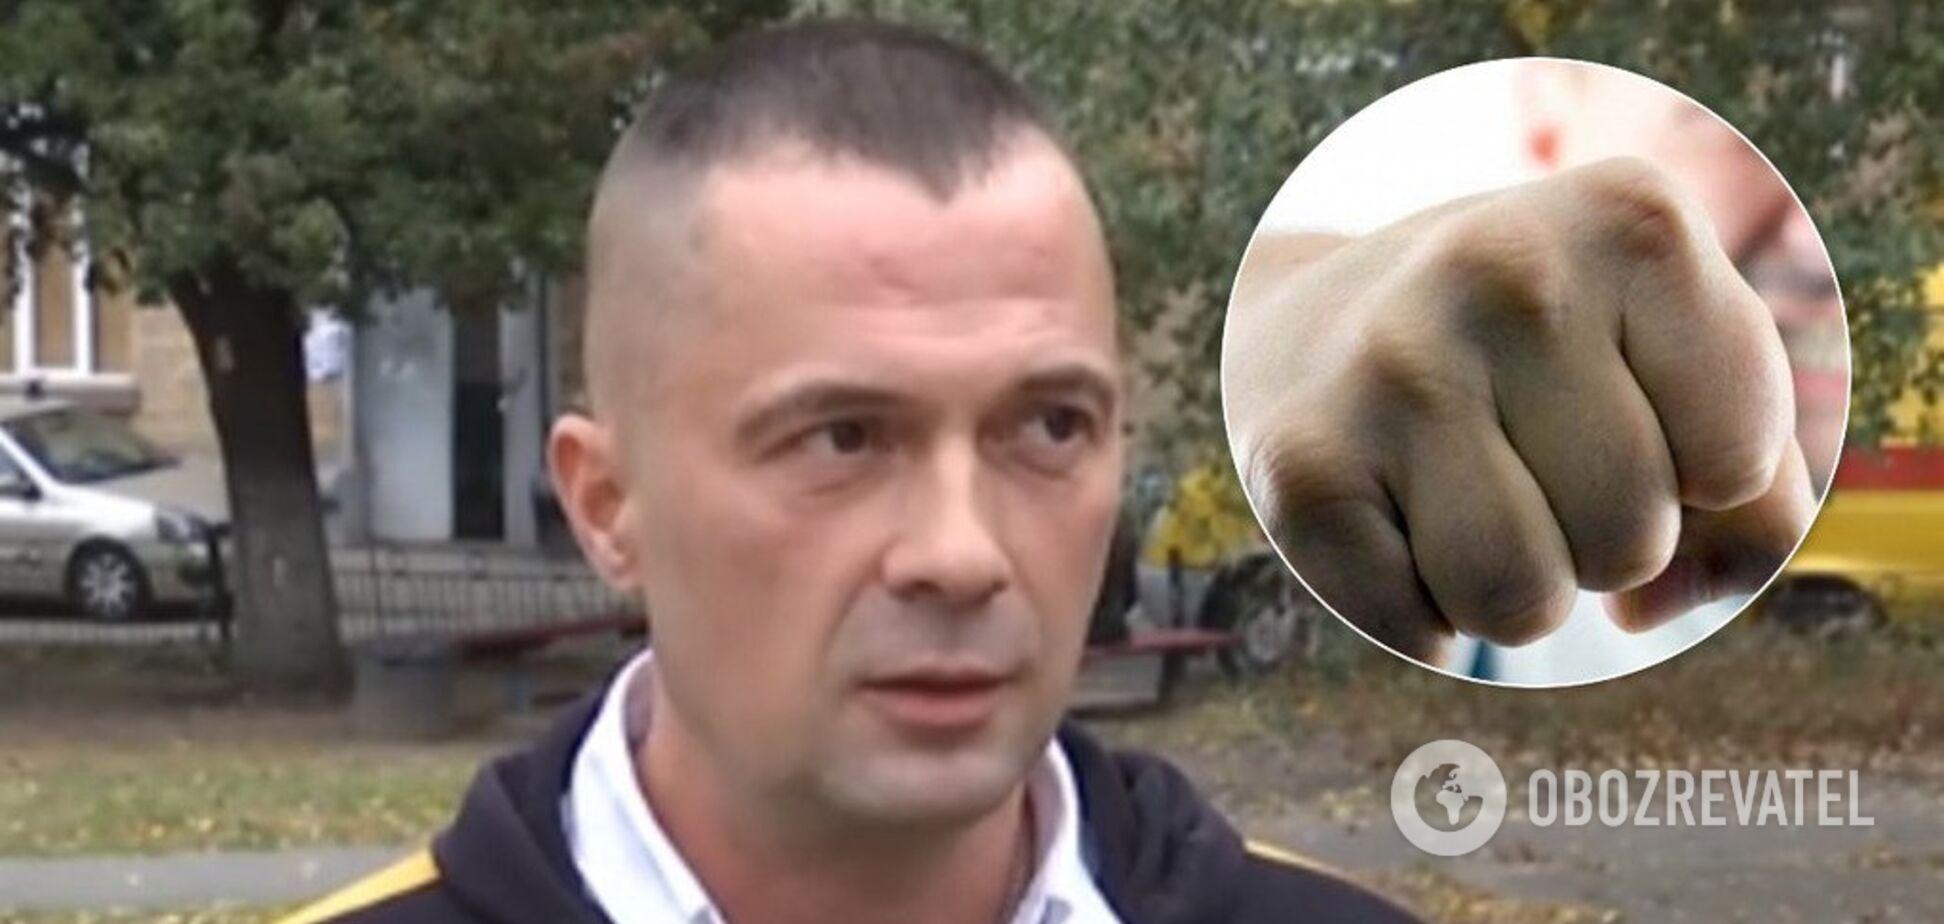 Появились подробности избиения ветерана АТО после каминг-аута